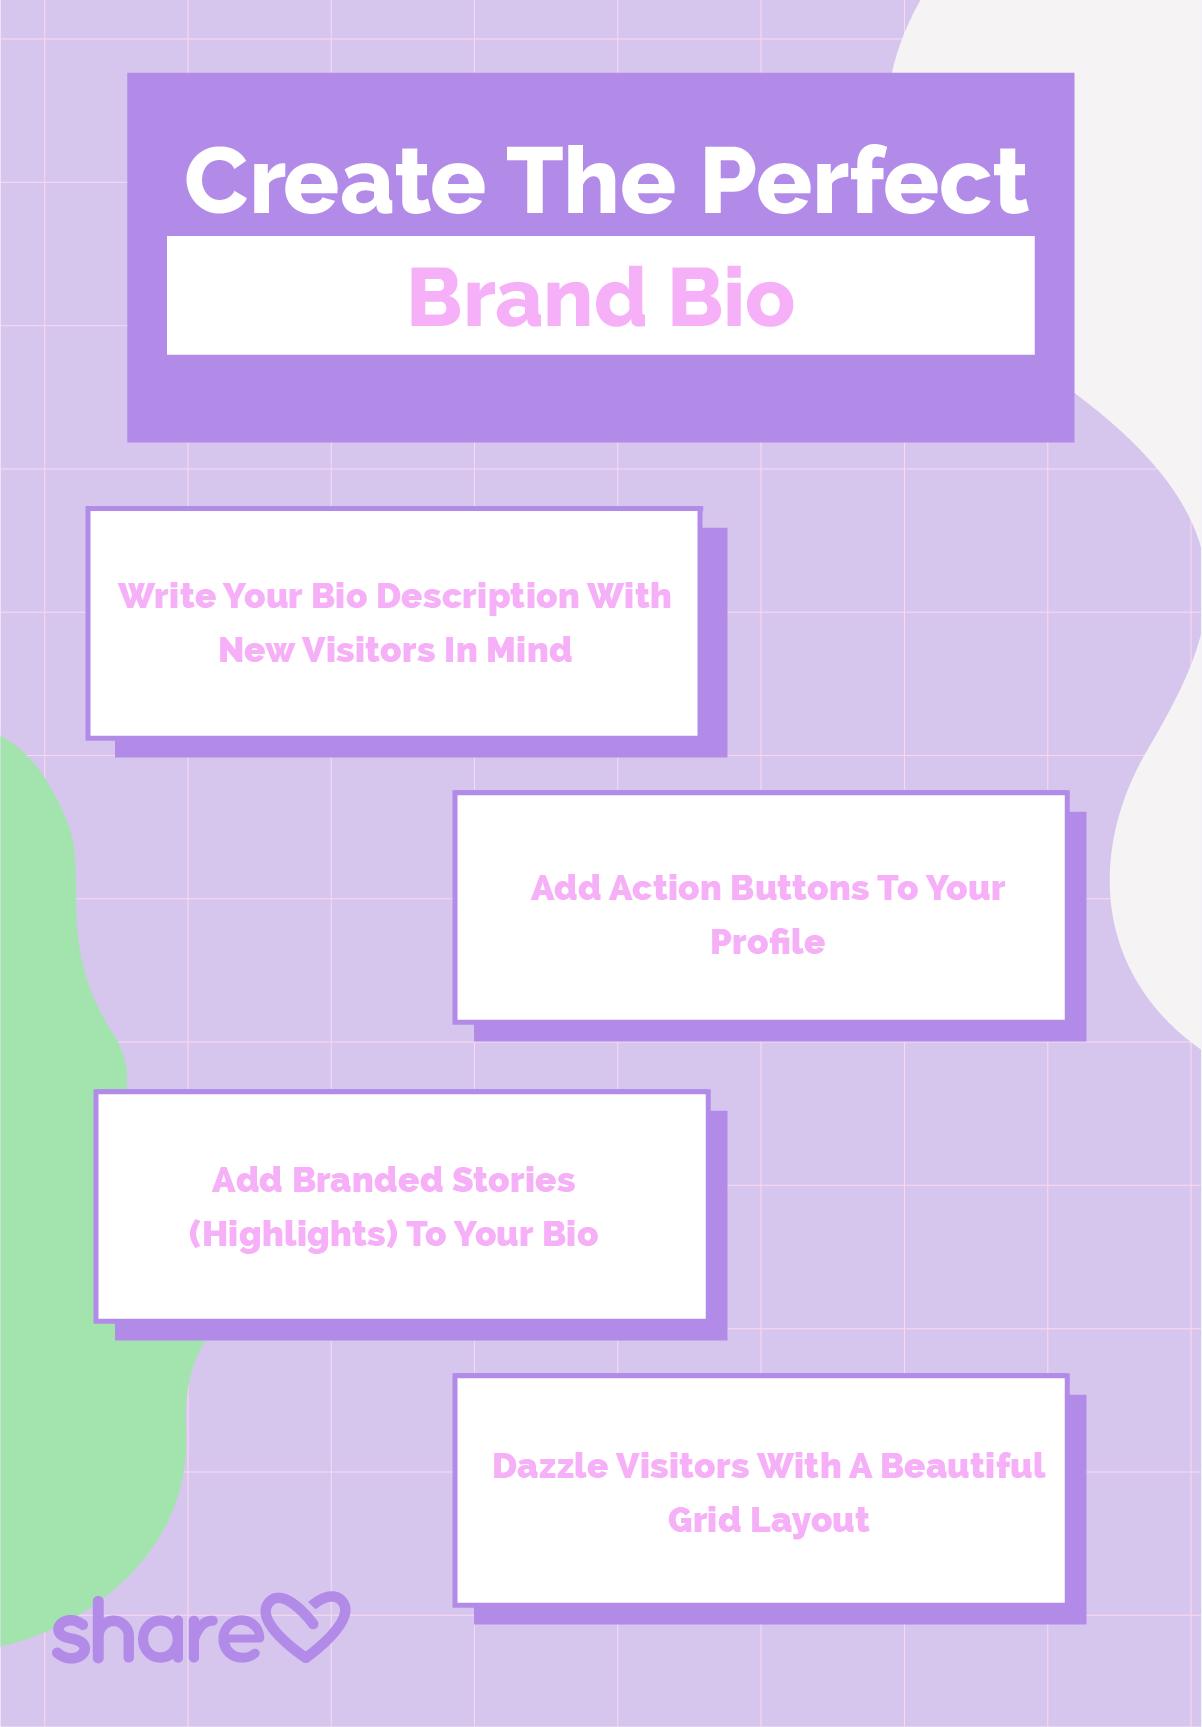 Create The Perfect Brand Bio